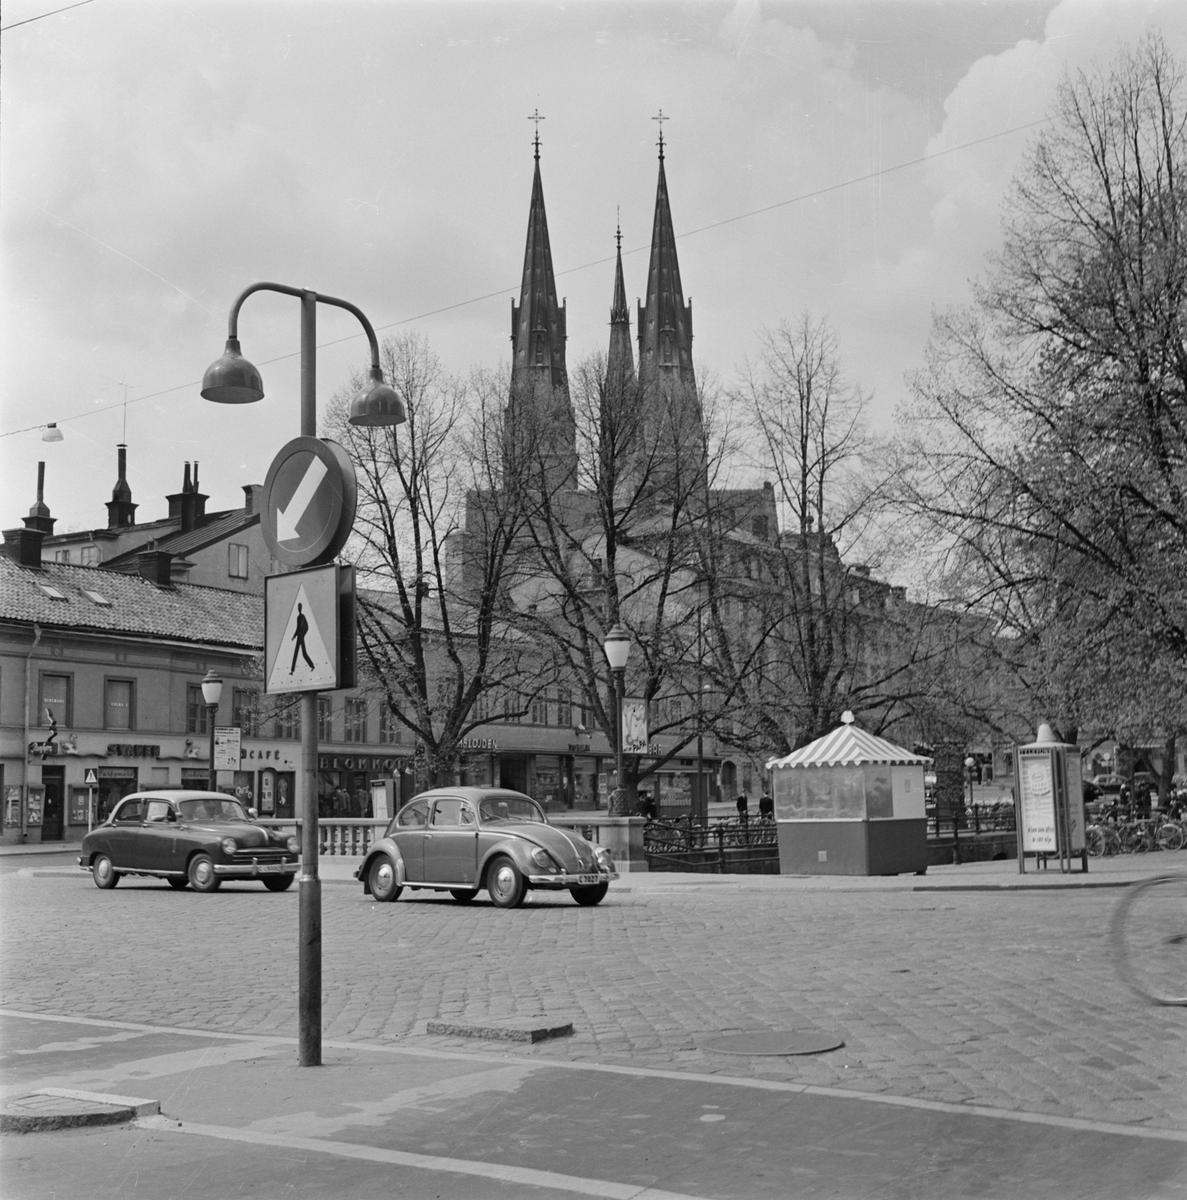 Kvarteret Domen och Uppsala domkyrka, stadsdelen Fjärdingen, Uppsala